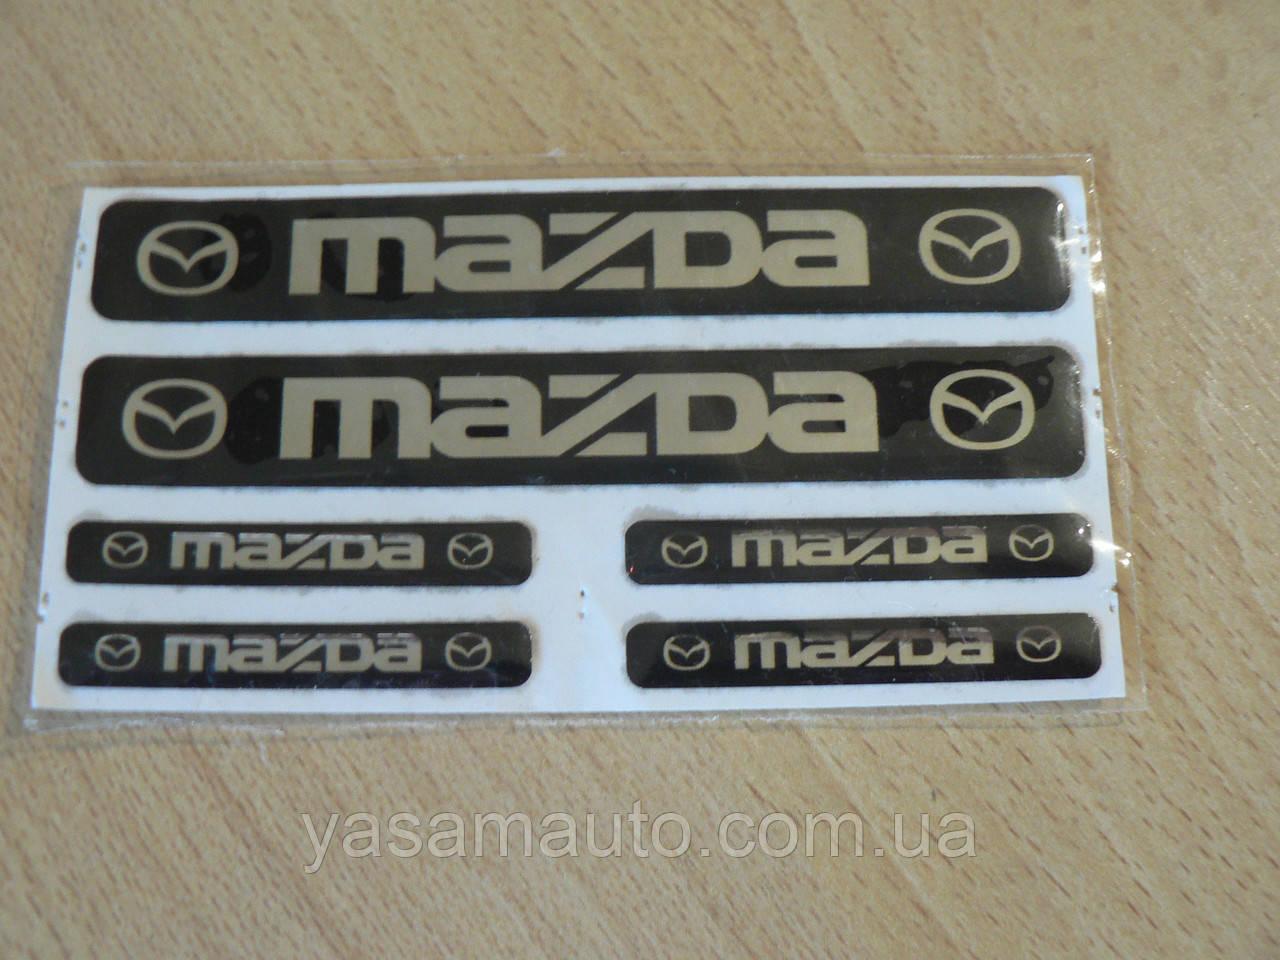 Наклейка s маленькая Mazda набор 6шт силиконовая Уценка приподнимаются бока эмблема логотип Мазда на авто